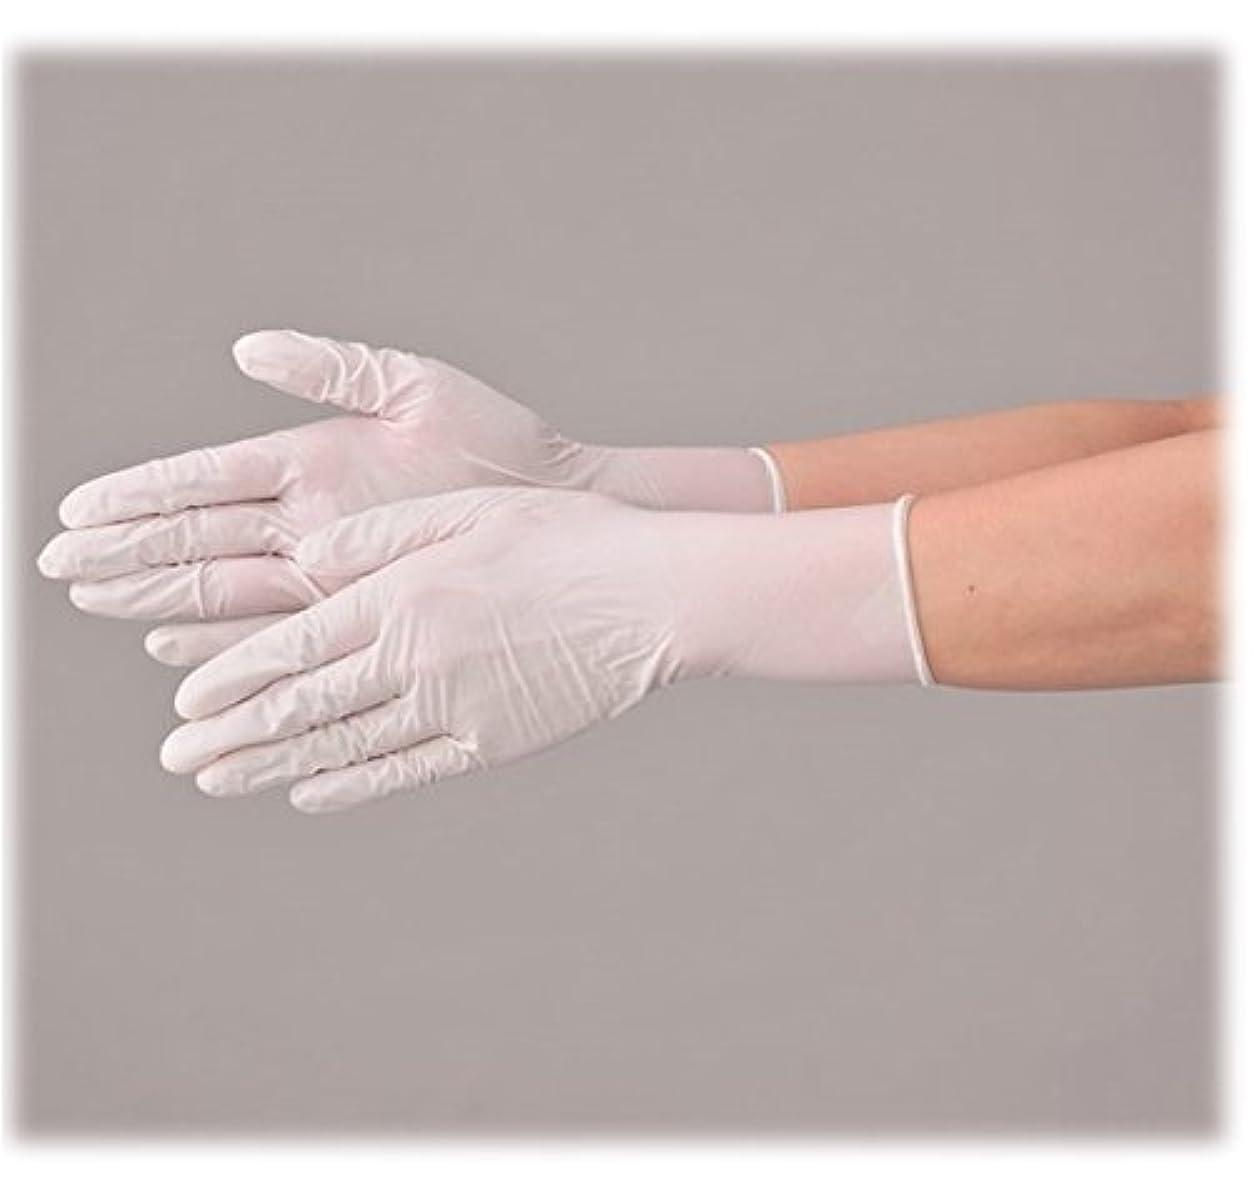 うんざり拡張尋ねる使い捨て 手袋 エブノ 520 ニトリル 極薄手袋 パウダーフリー ホワイト Sサイズ 2ケース(100枚×40箱)